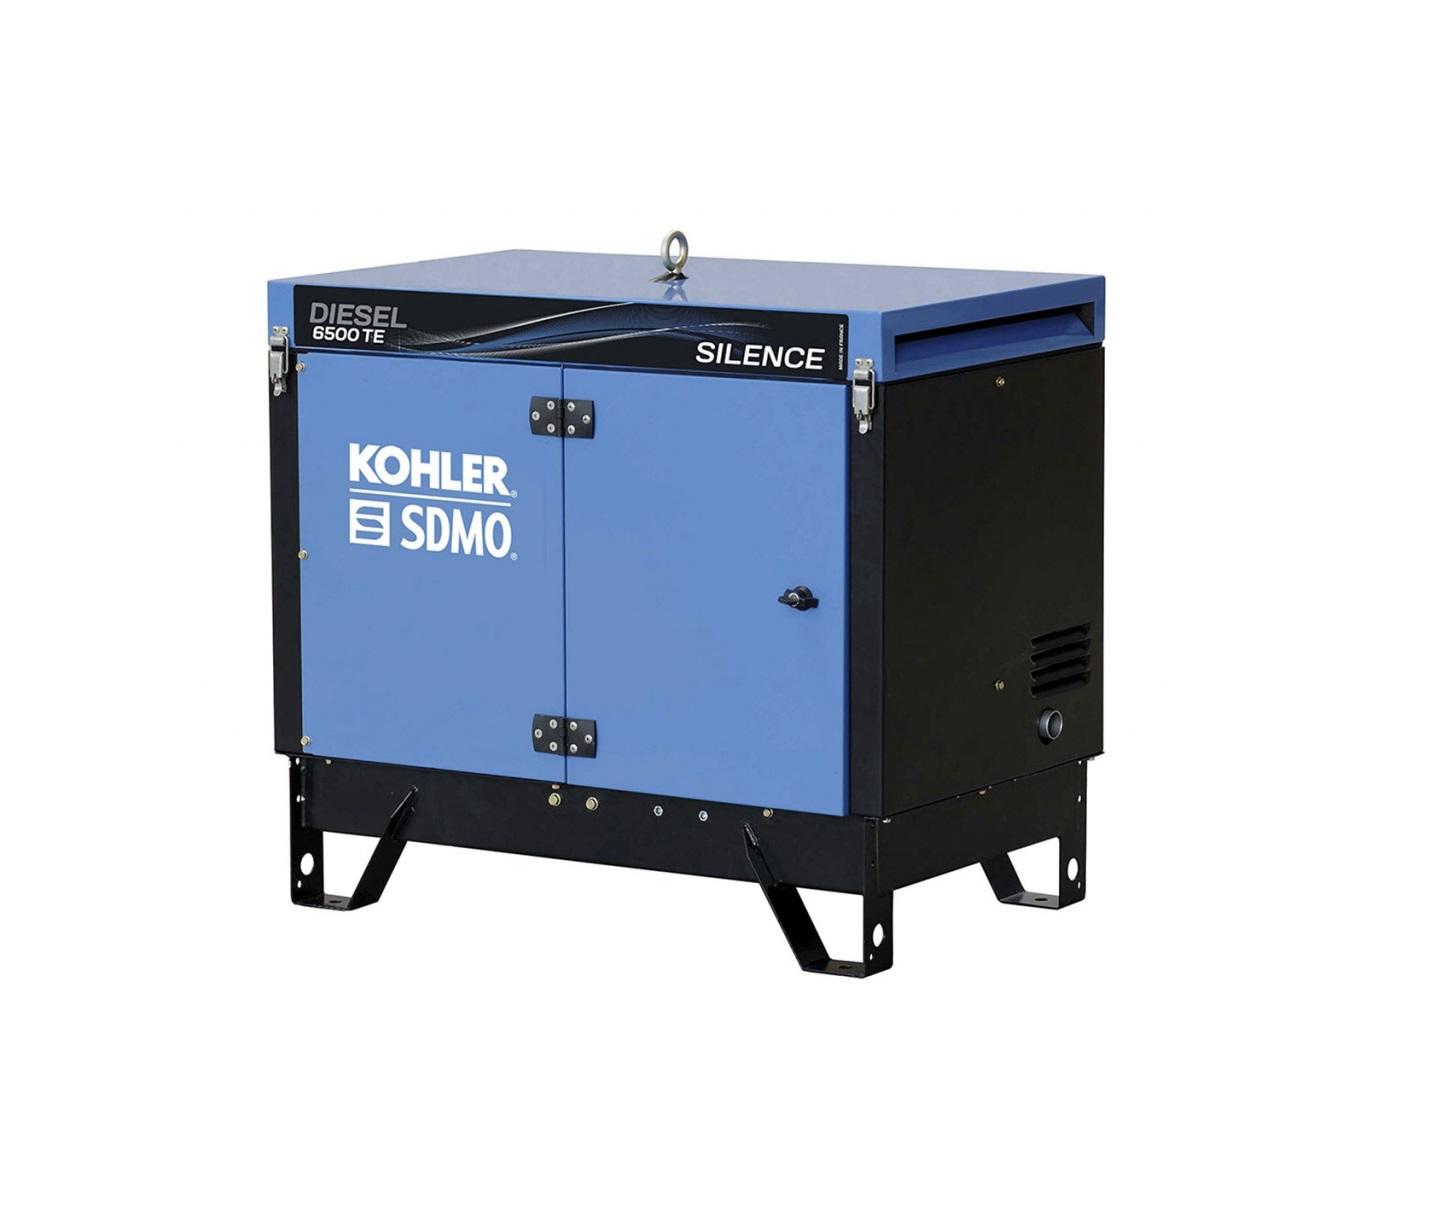 Дизельный генератор (электростанция) SDMO DIESEL 6500 TE SILENCE